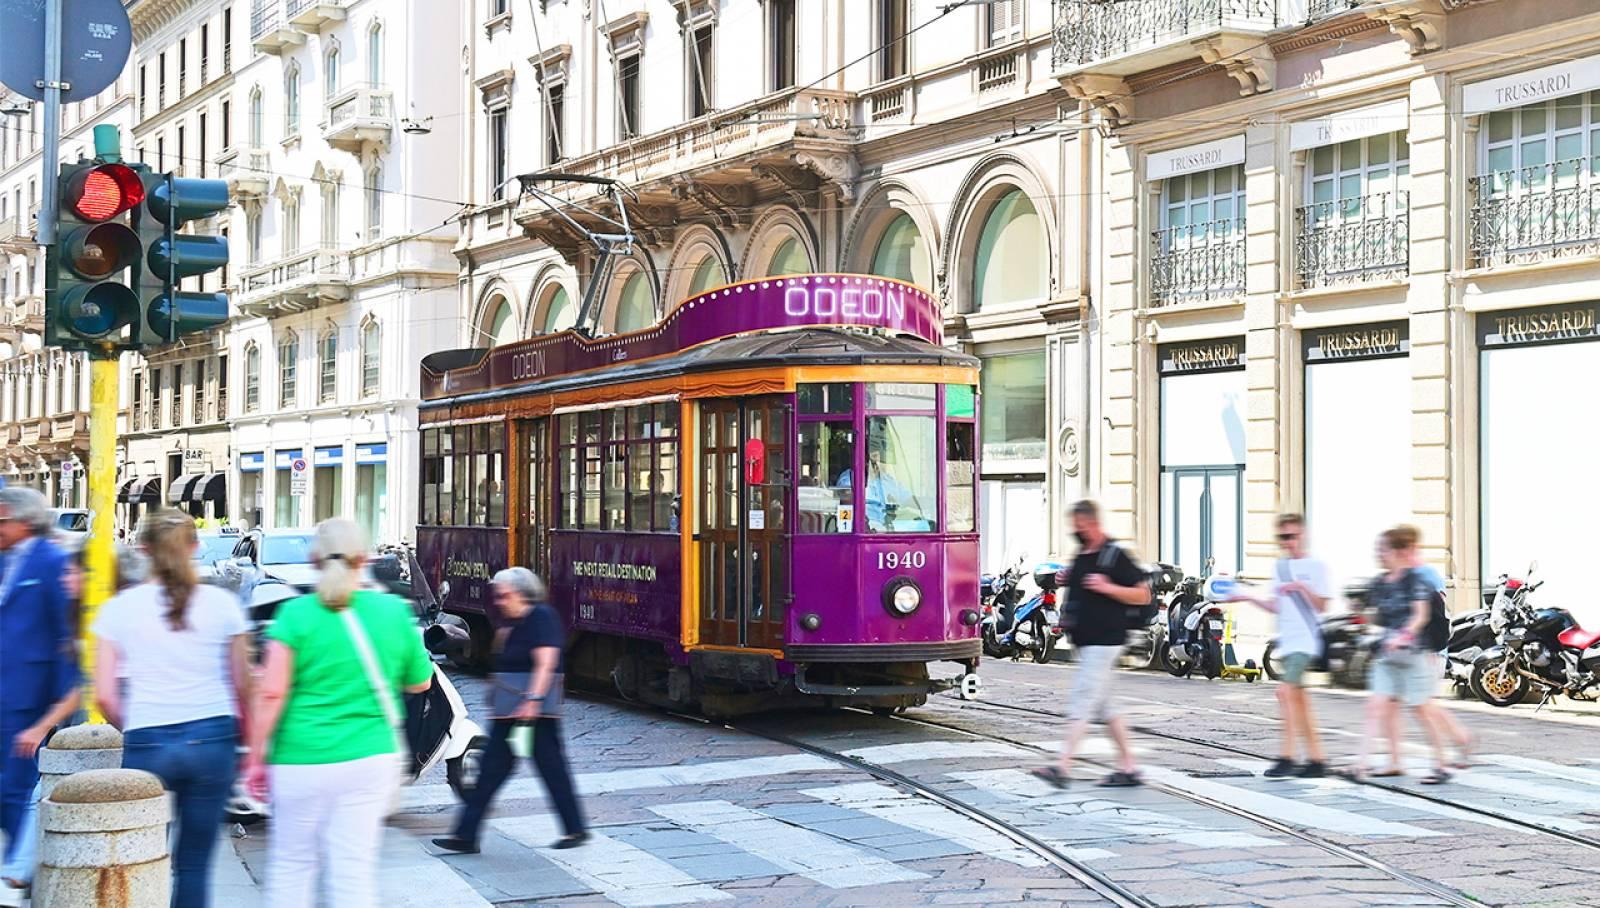 Le Creative Solutions di IGPDecaux hanno realizzato per Odeon una pensilina e un tram full-wrap spettacolari